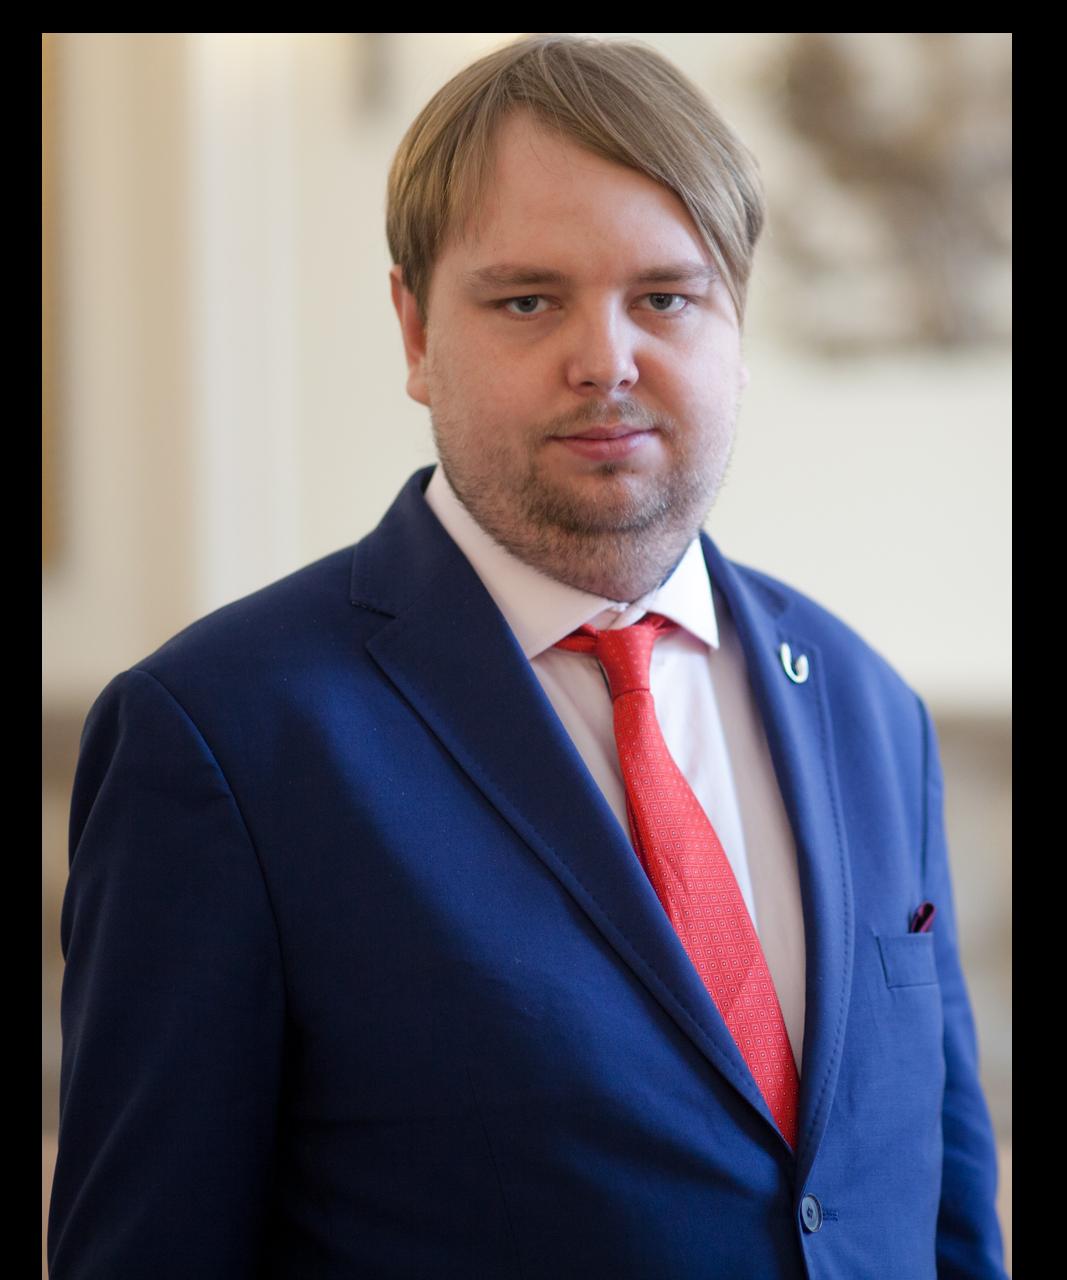 Rzecznik Praw Student Marek Konieczny